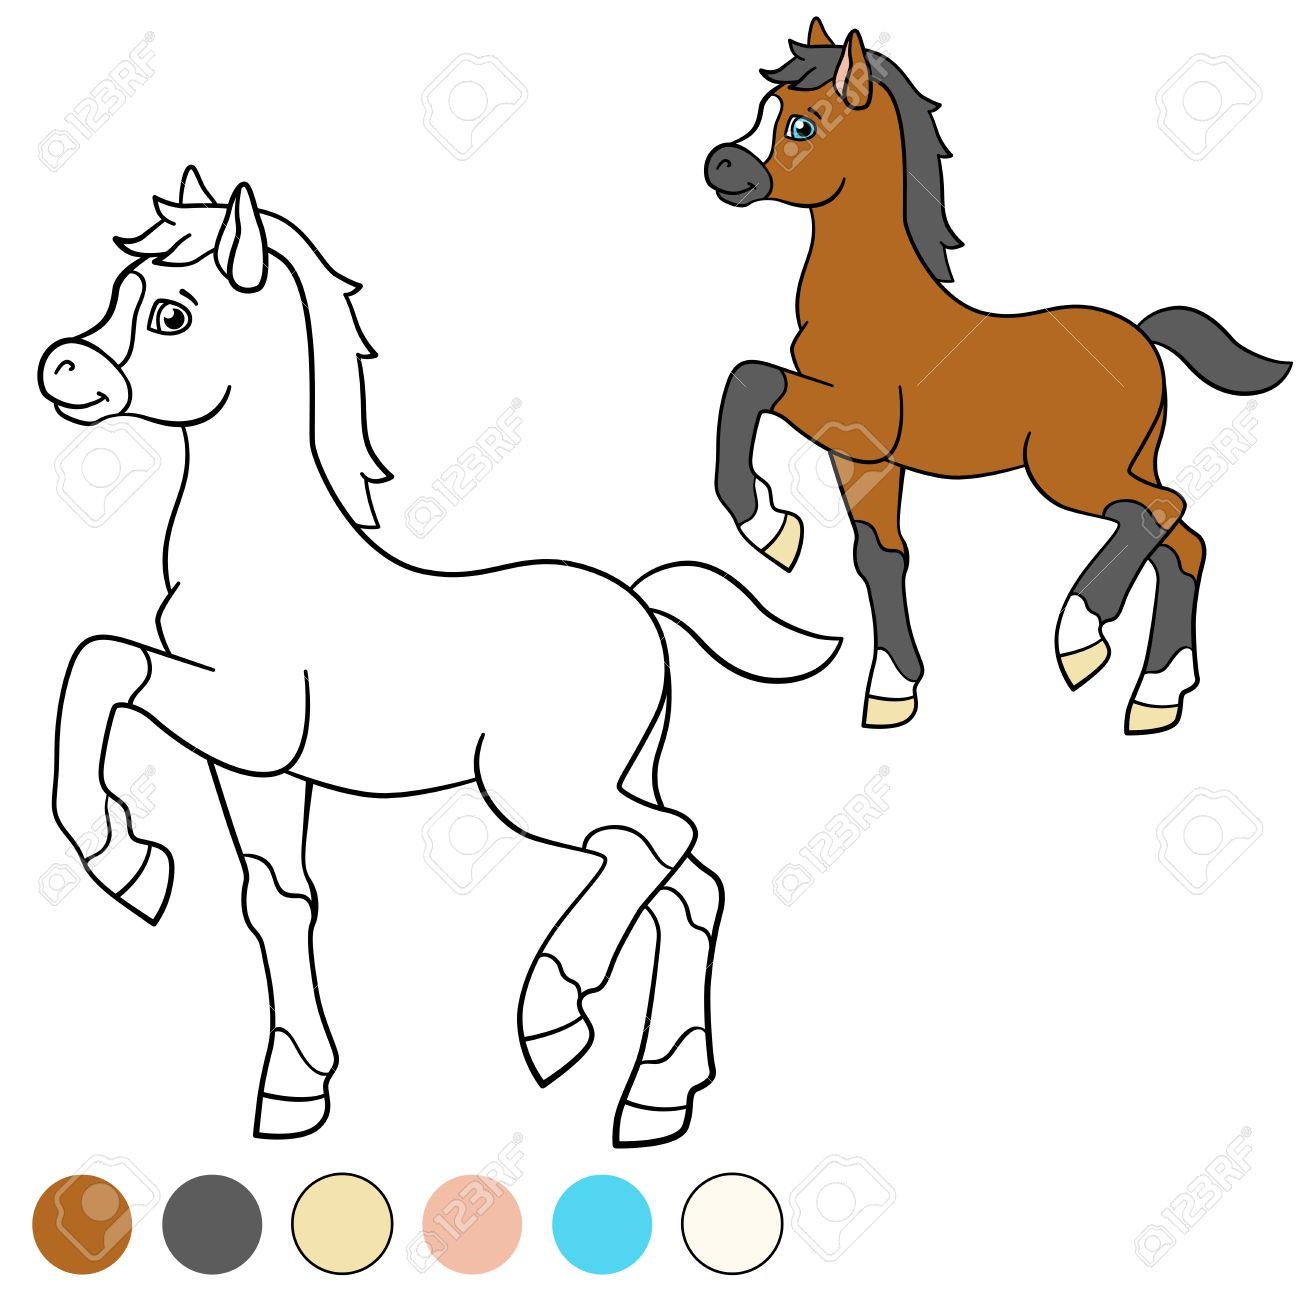 Kleurplaten En Zo Veulen.Geweldige Paard Met Veulen Kleurplaat Krijg Duizenden